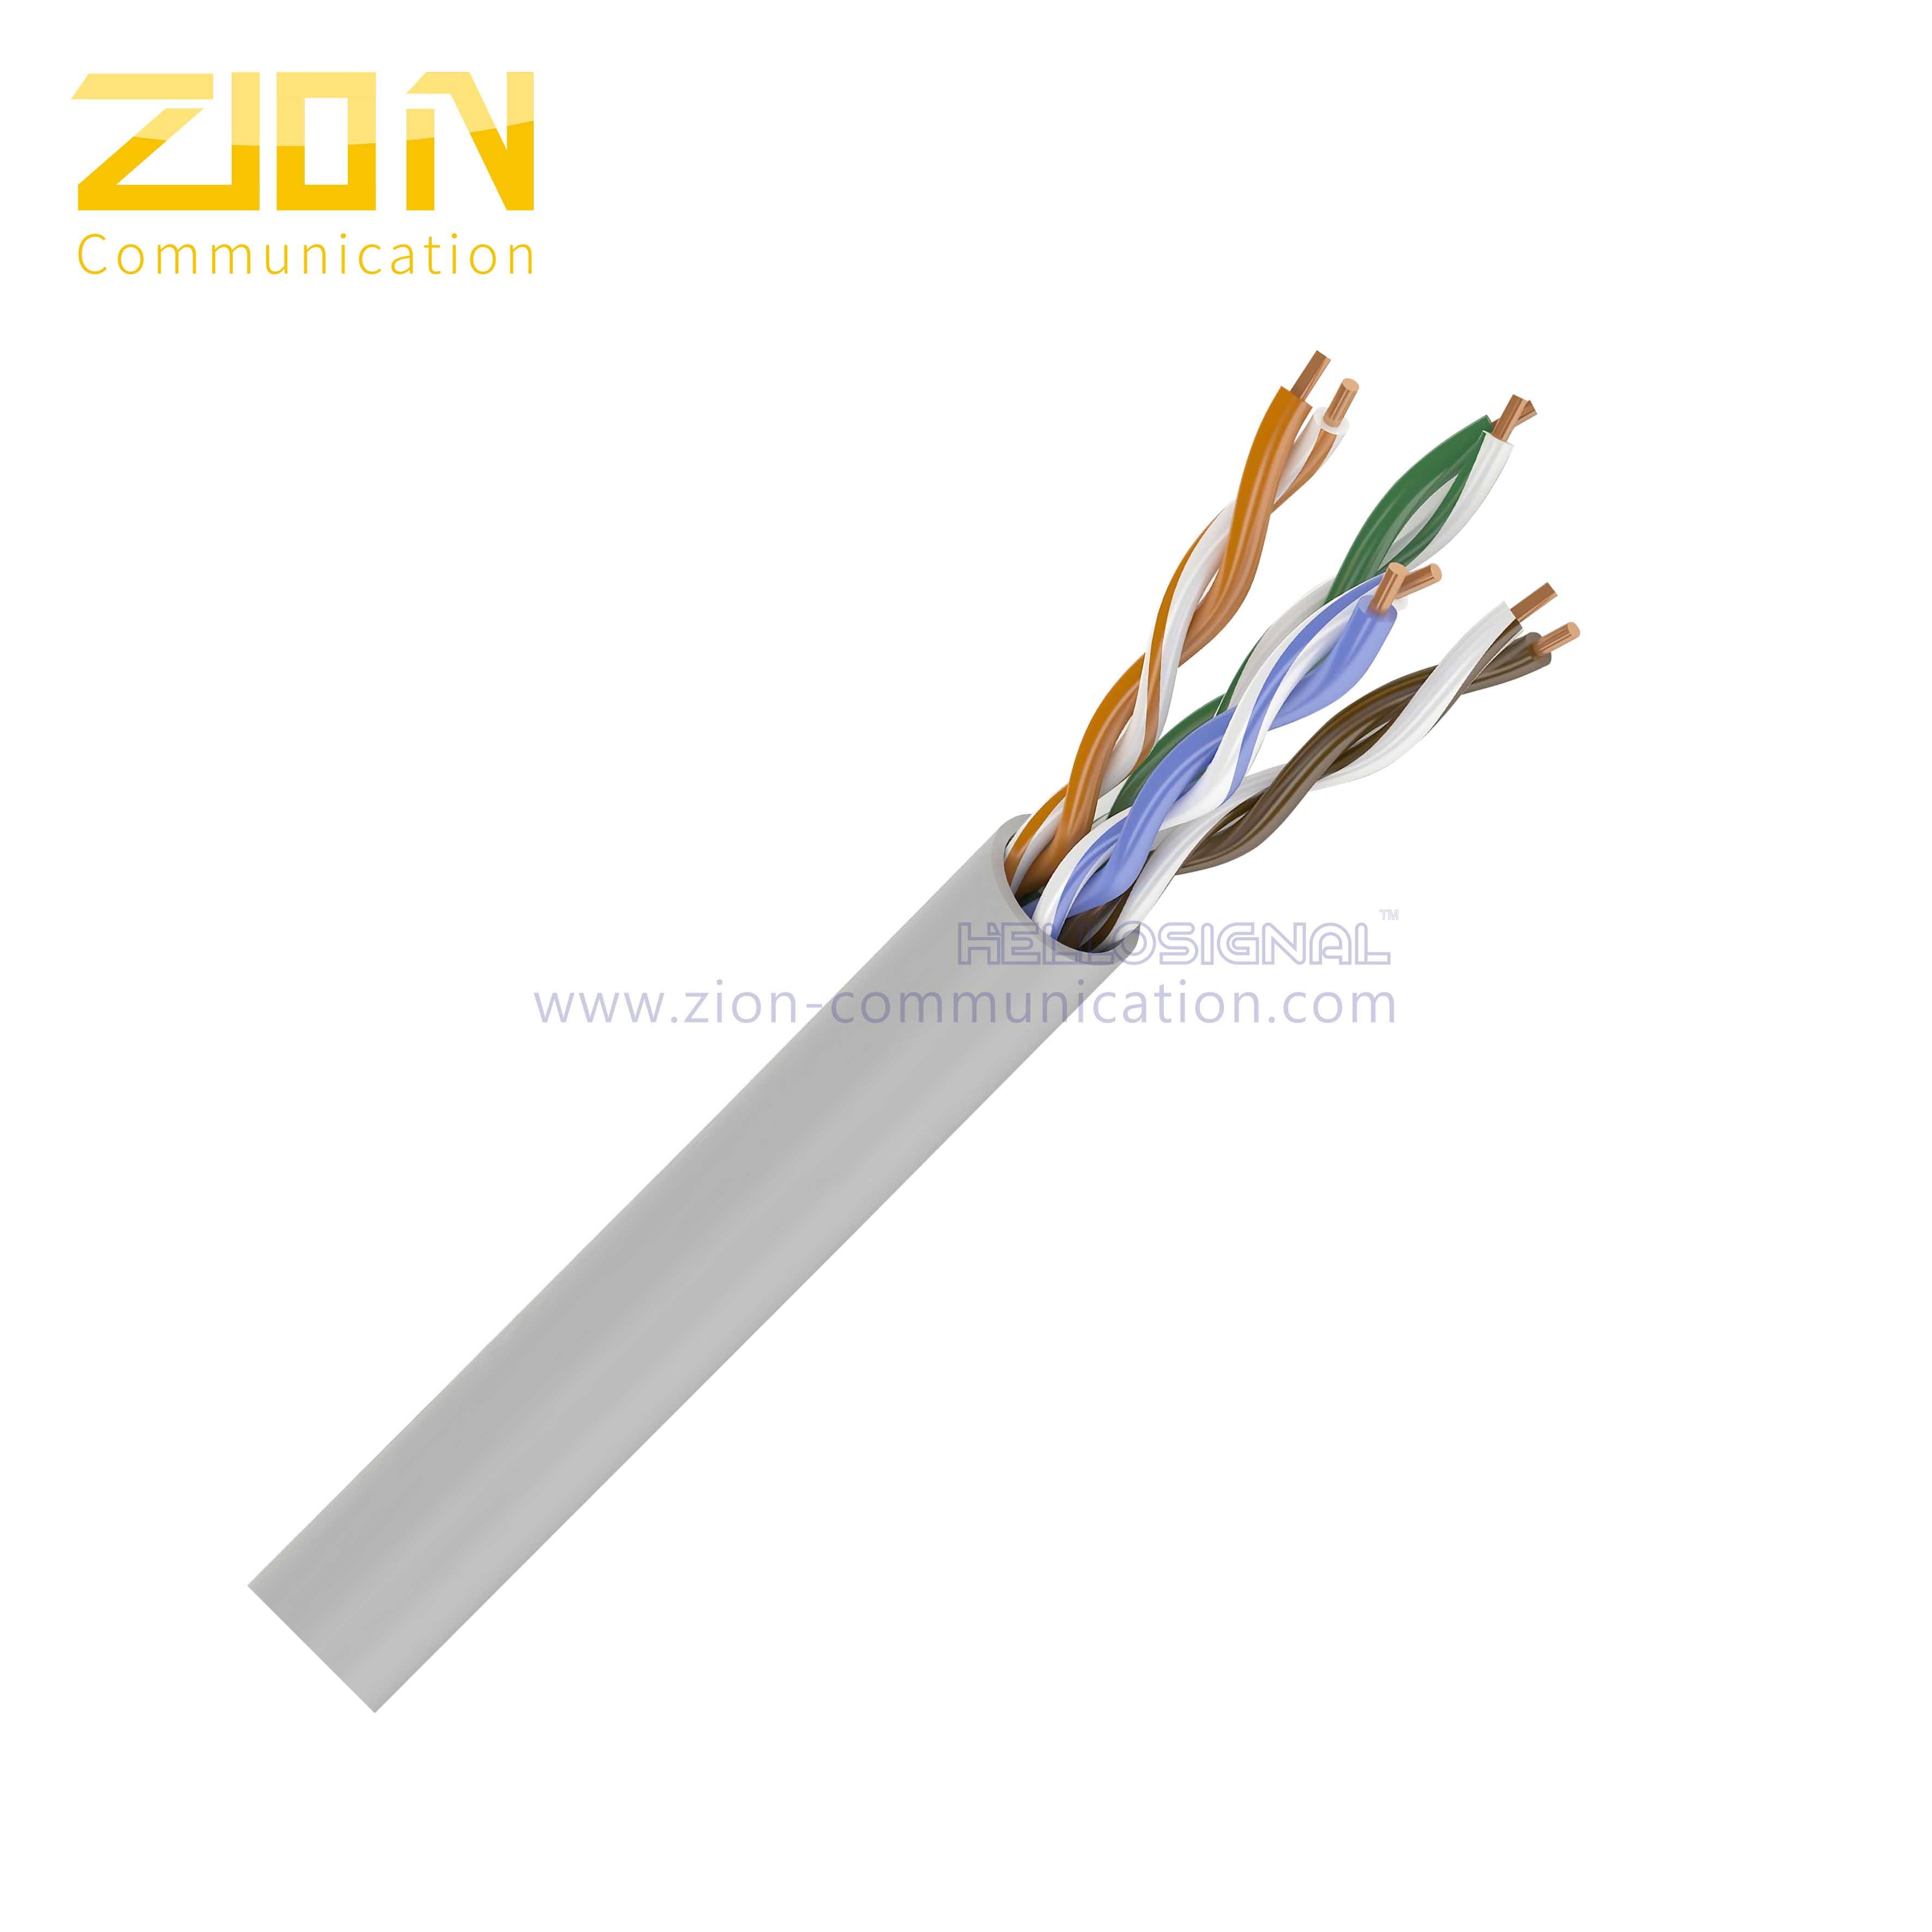 500 FT CAT5E Cable Blue 350MHz UTP cm Solid Copper 24 AWG Conductor Ethernet Cable 350MHz UTP 24 AWG cm Solid Copper 4 Pair 500 FT Bulk Blue PVC Jacket